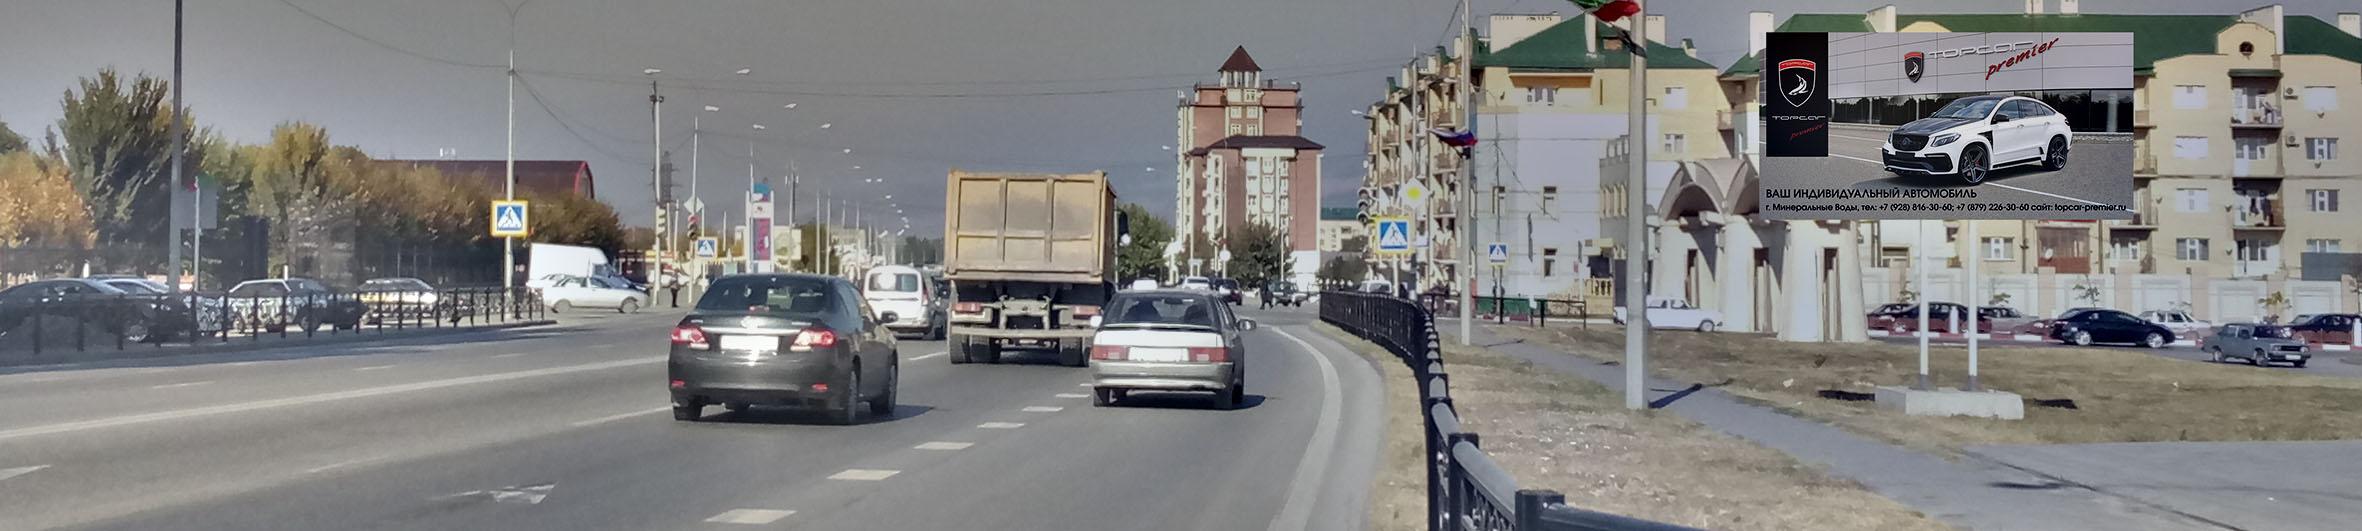 Реклама на билбордах в Чеченской Республике Гудермес